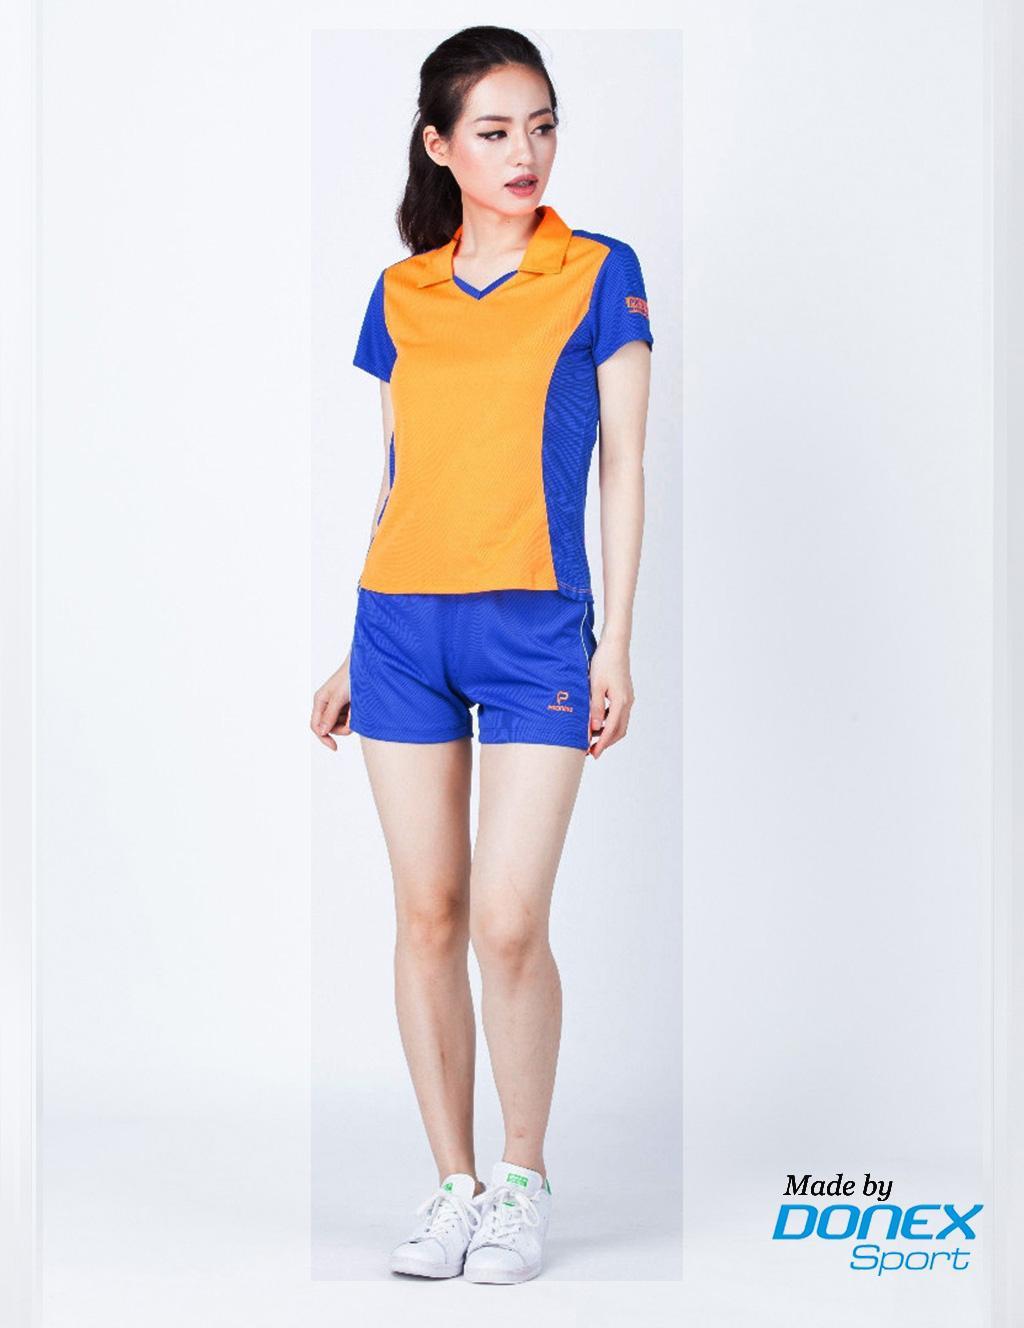 Bộ quần áo thể thao nữ Donex Proning (tập thể dục, dã ngoại..)